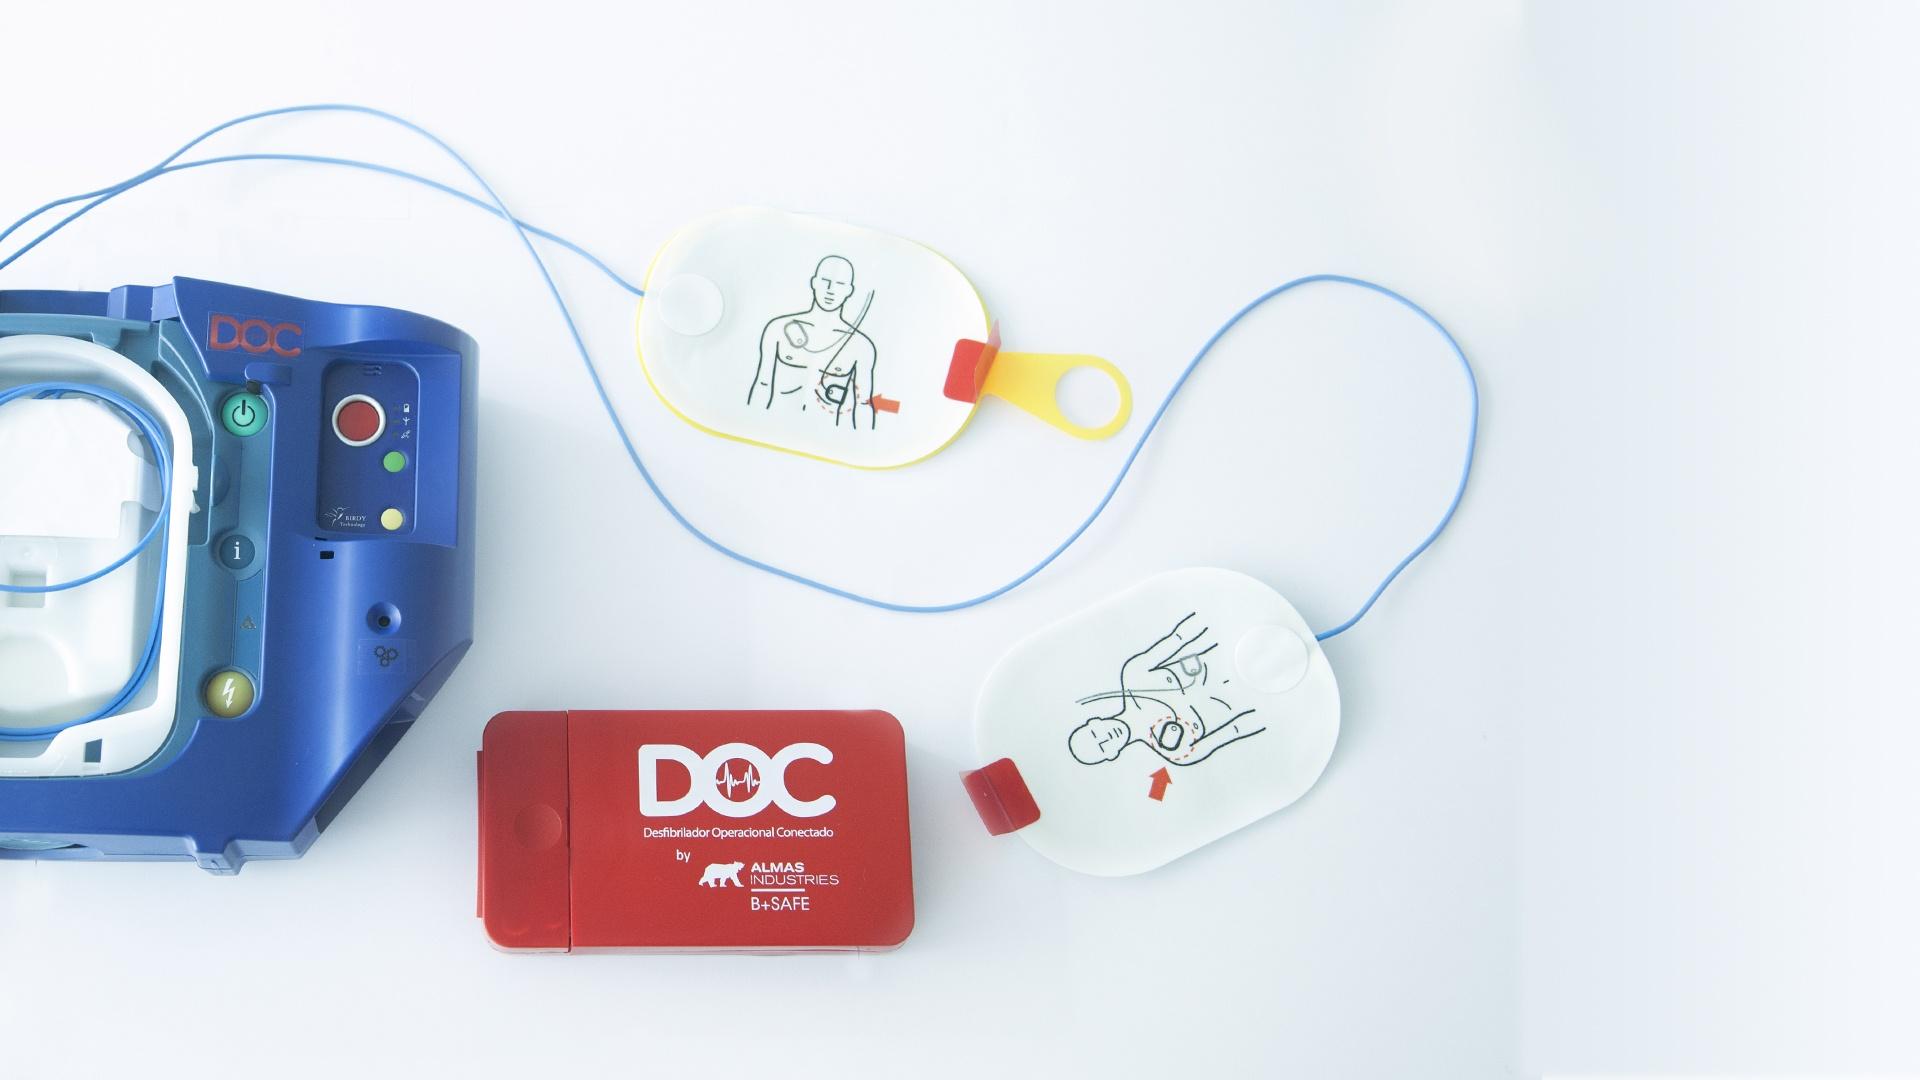 desfibrilador DOC kit parches